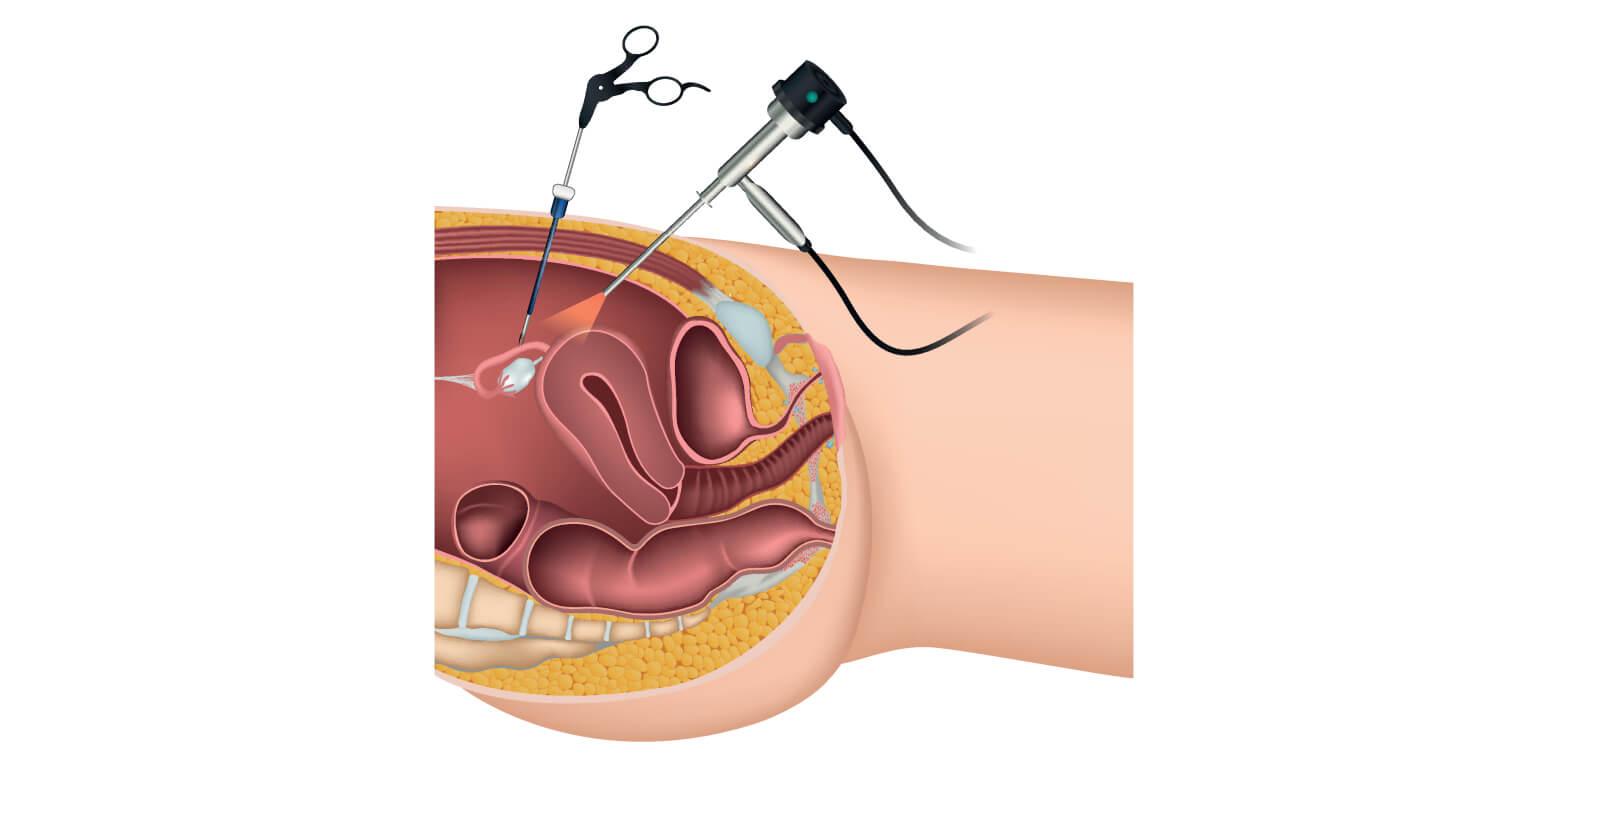 Bauchspiegelung Laparoskopie Ablauf Dauer & Nachsorge